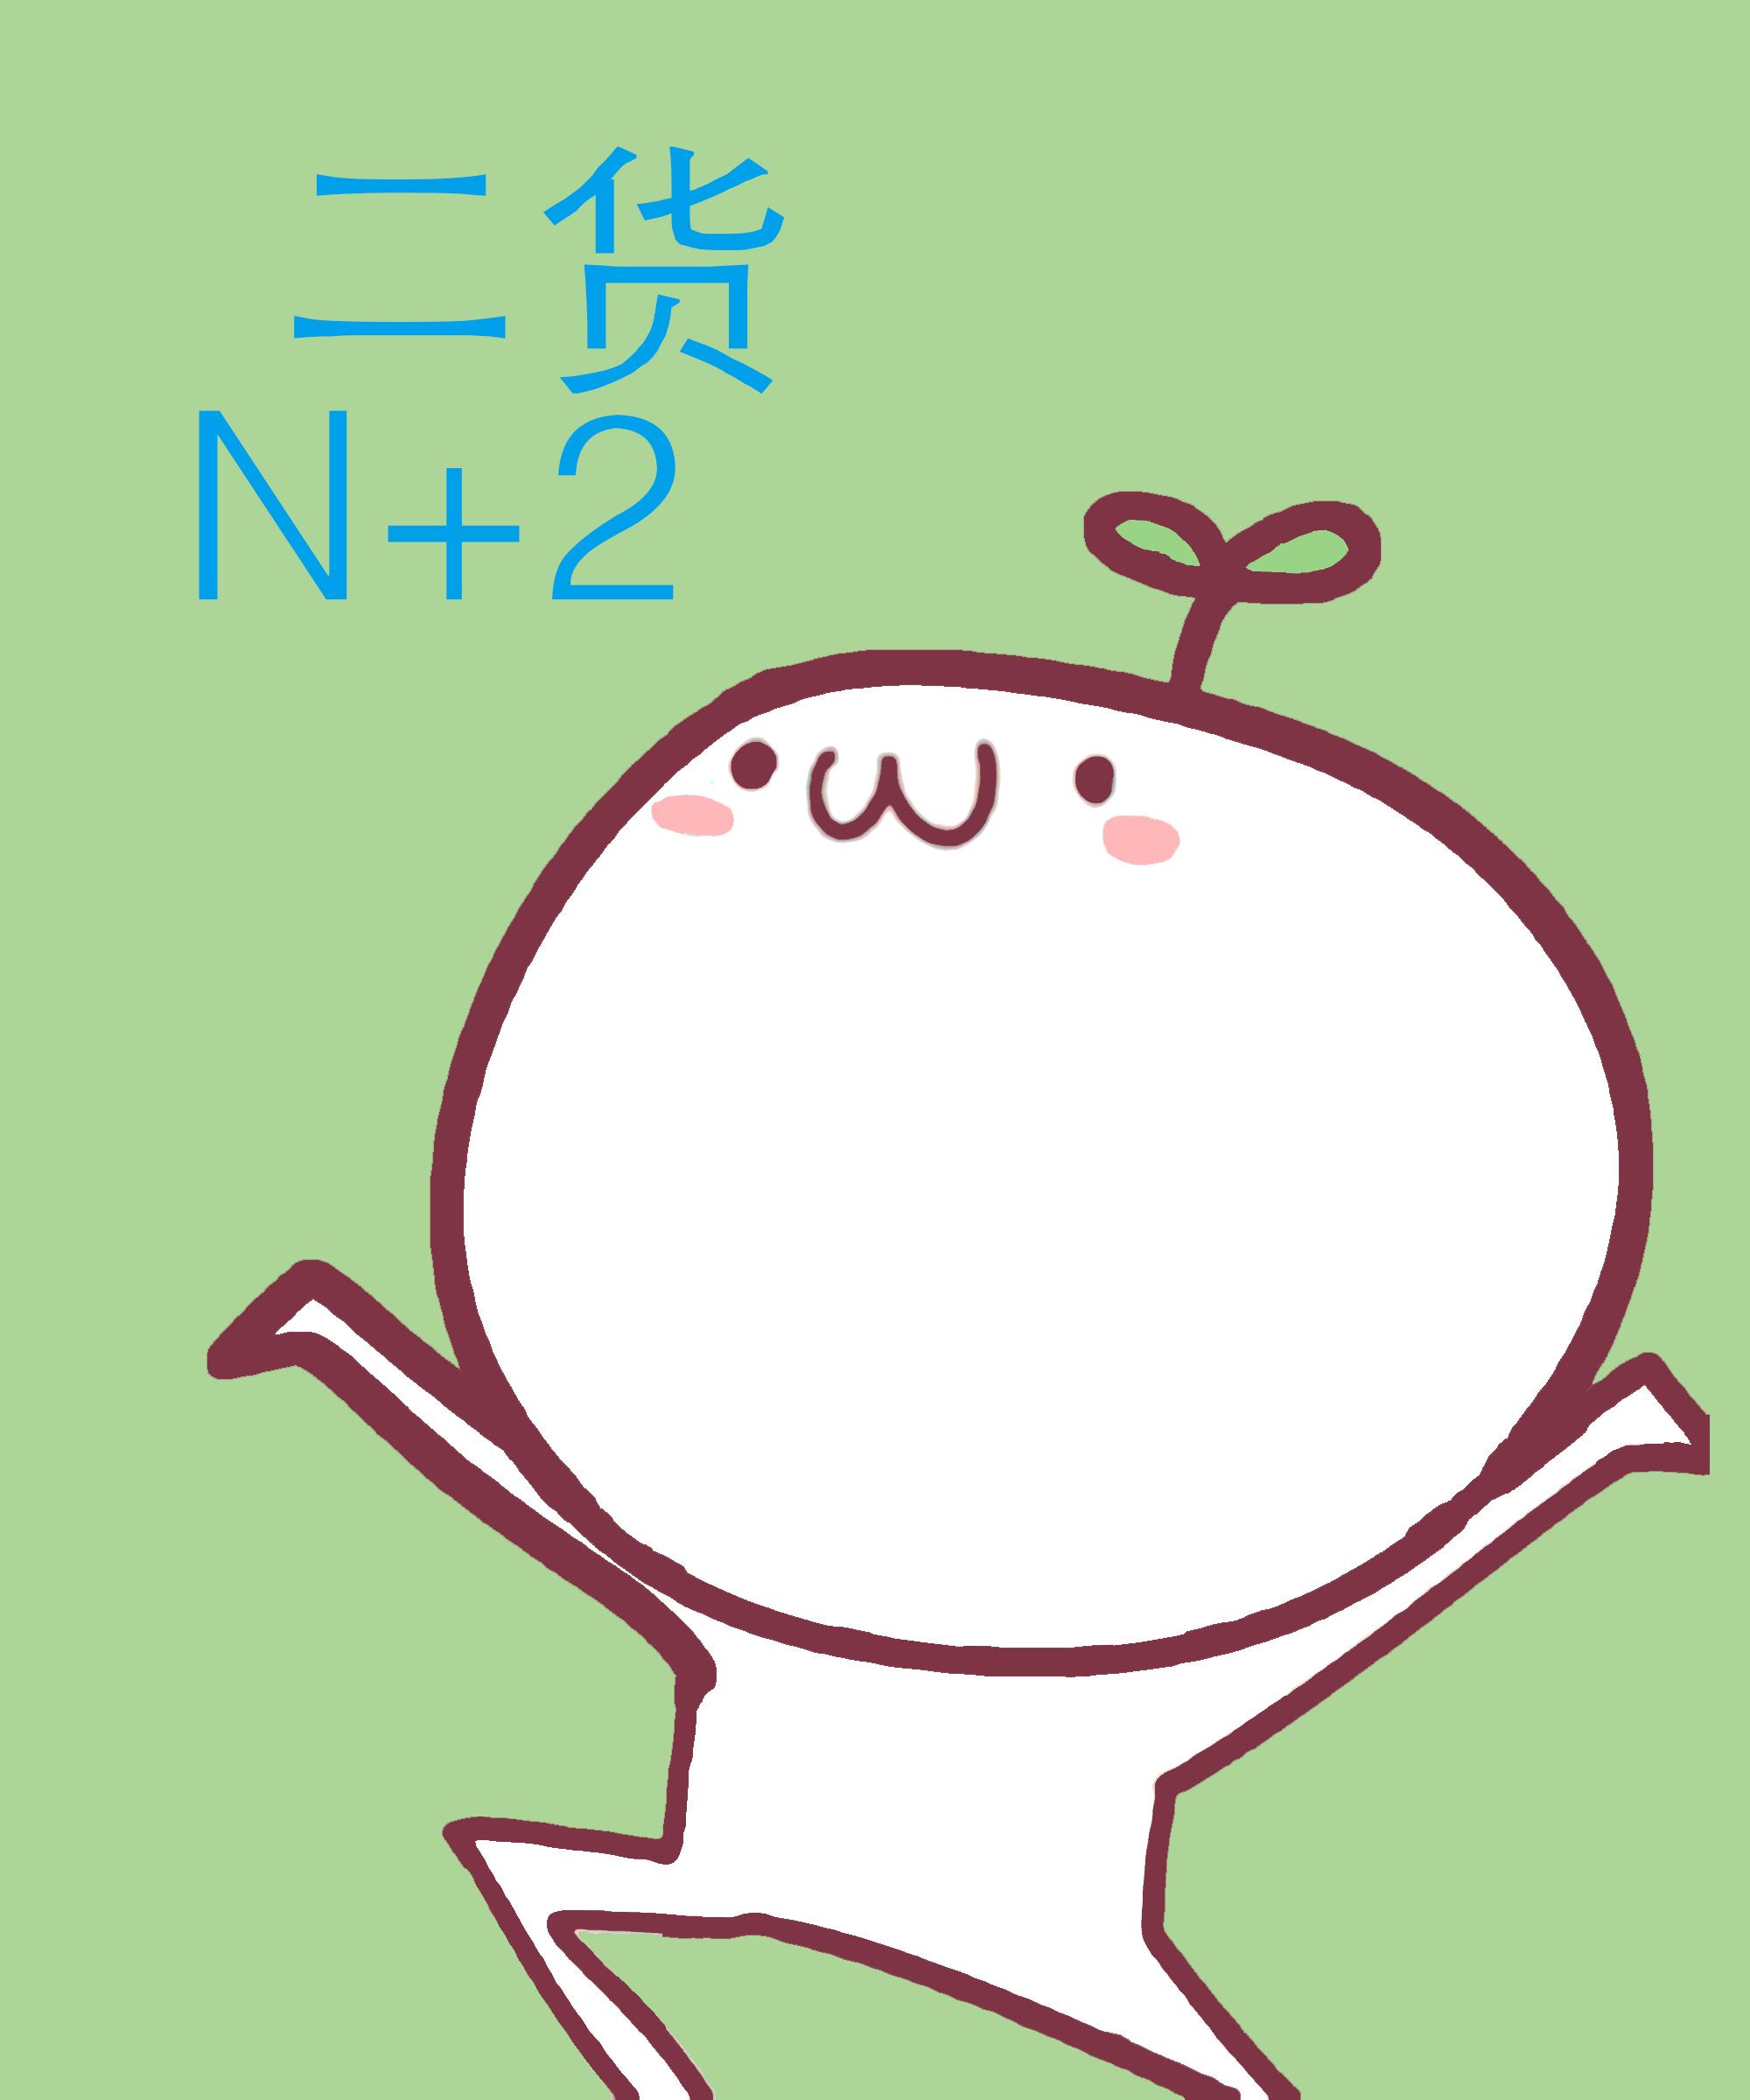 二货N+2